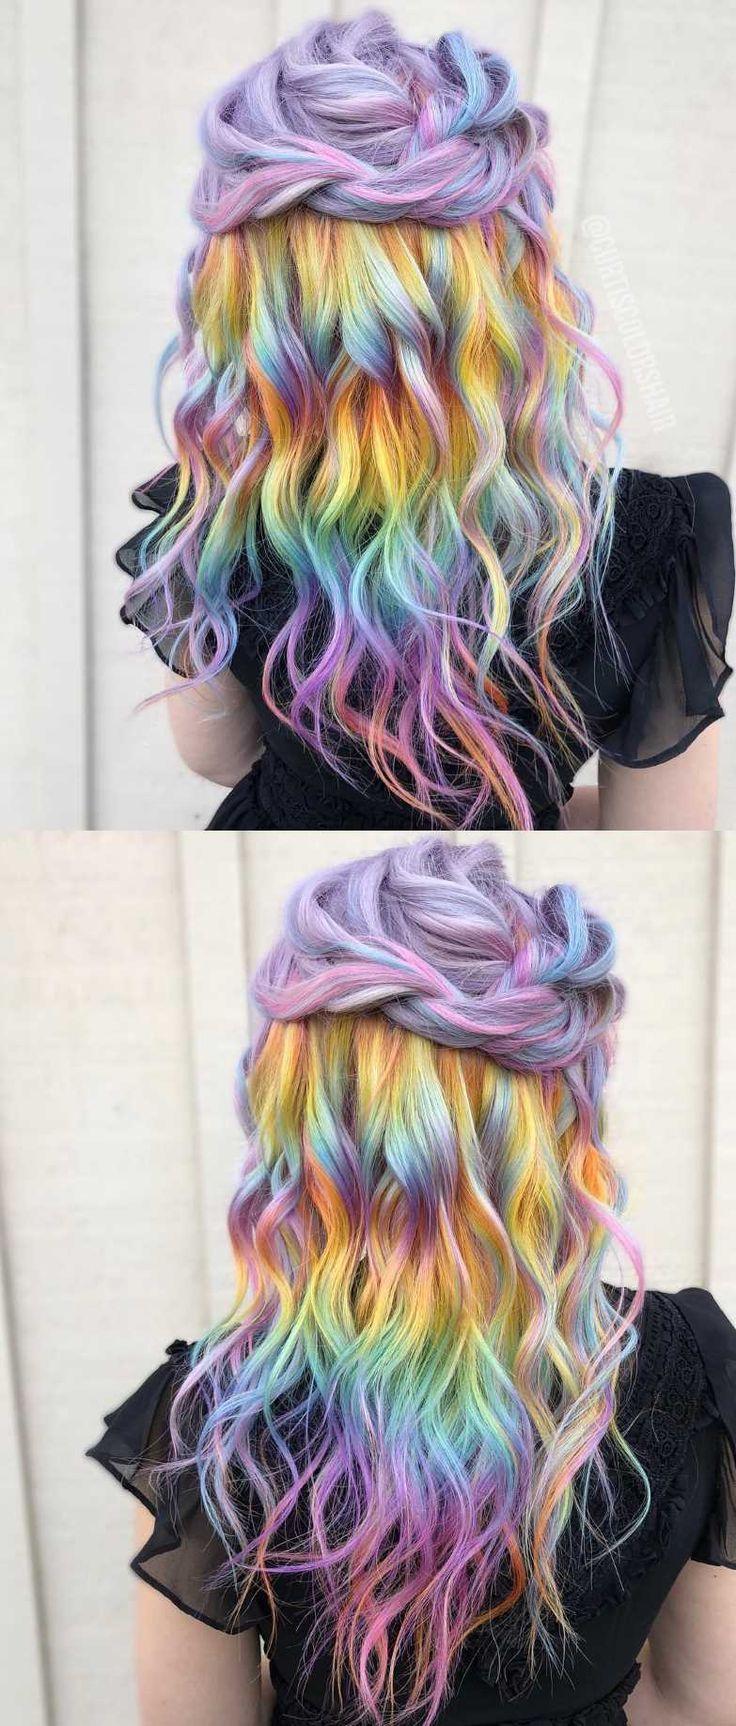 Rainbow Hair Color Artist In Tacoma Wa Pastel Rainbow Hair